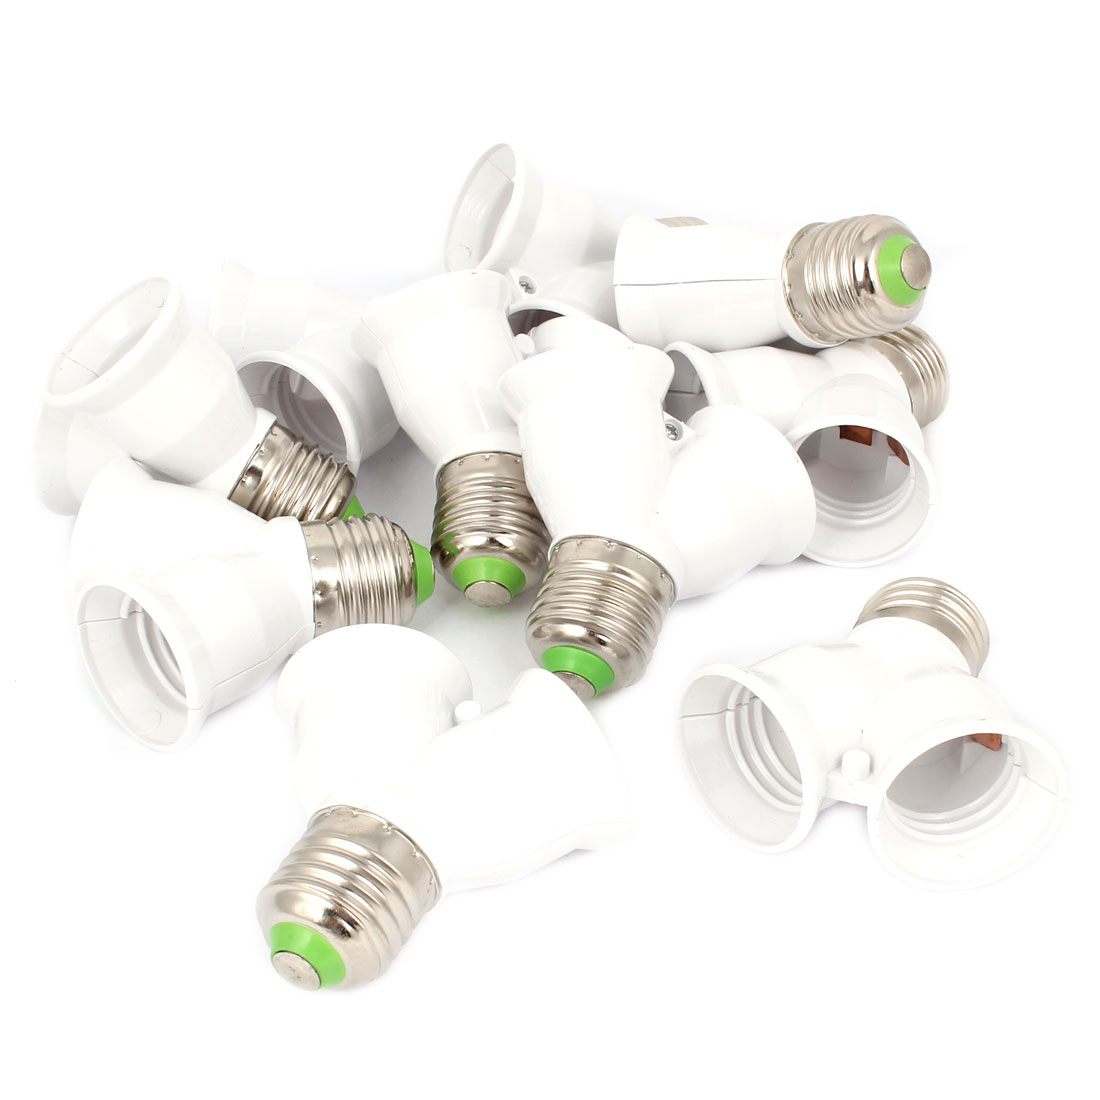 E27 to E27 2 Splitter Light Lamp Bulb Socket Convertor 10pcs